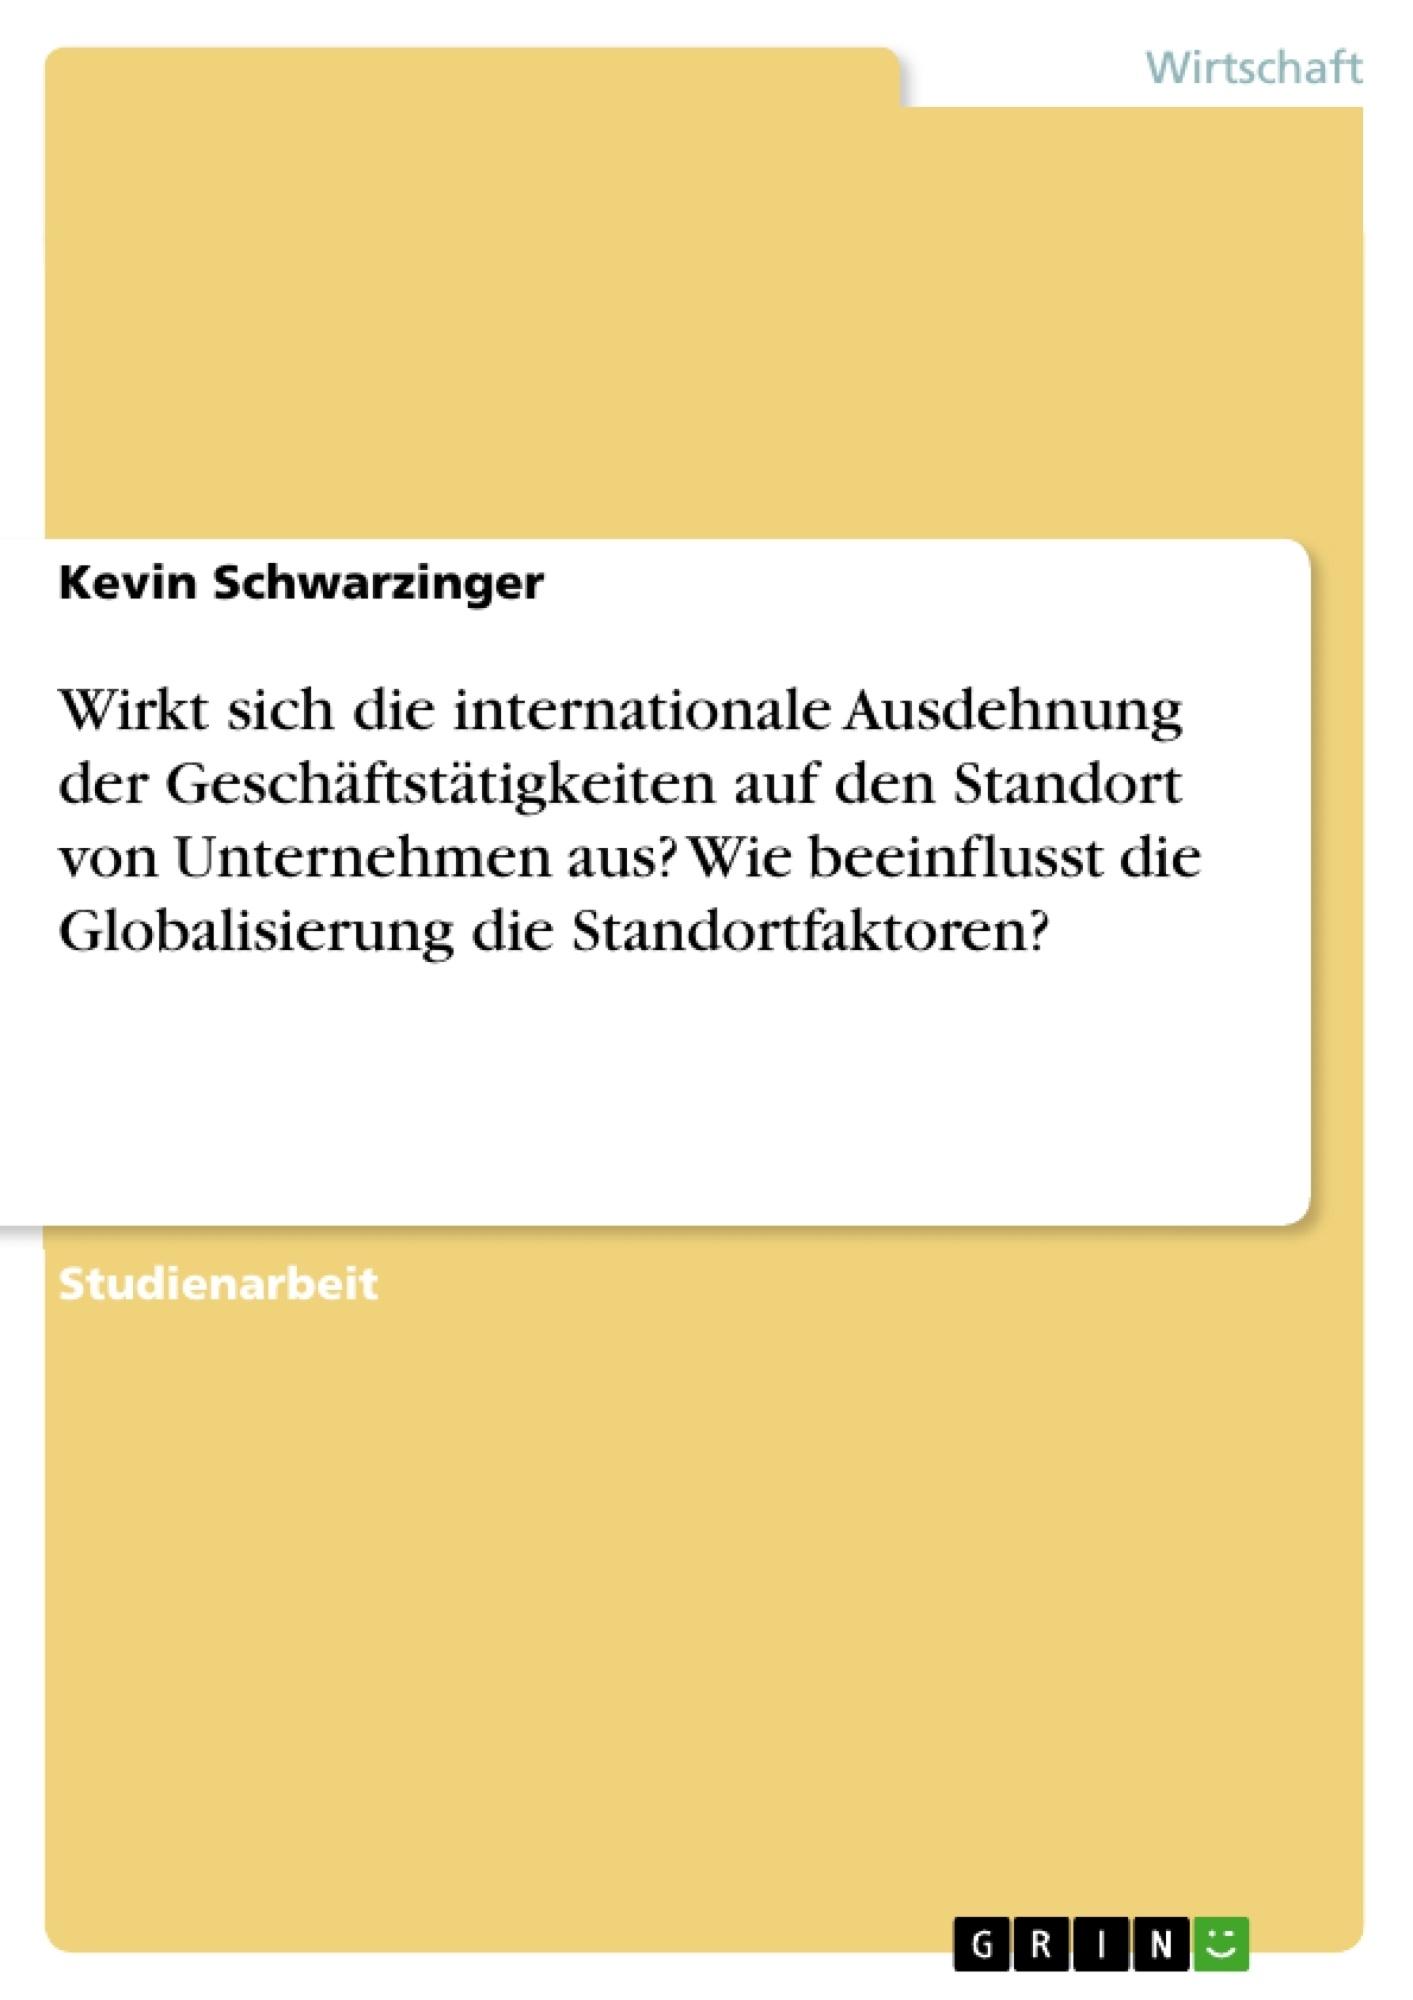 Titel: Wirkt sich die internationale Ausdehnung der Geschäftstätigkeiten auf den Standort von Unternehmen aus? Wie beeinflusst die Globalisierung die Standortfaktoren?